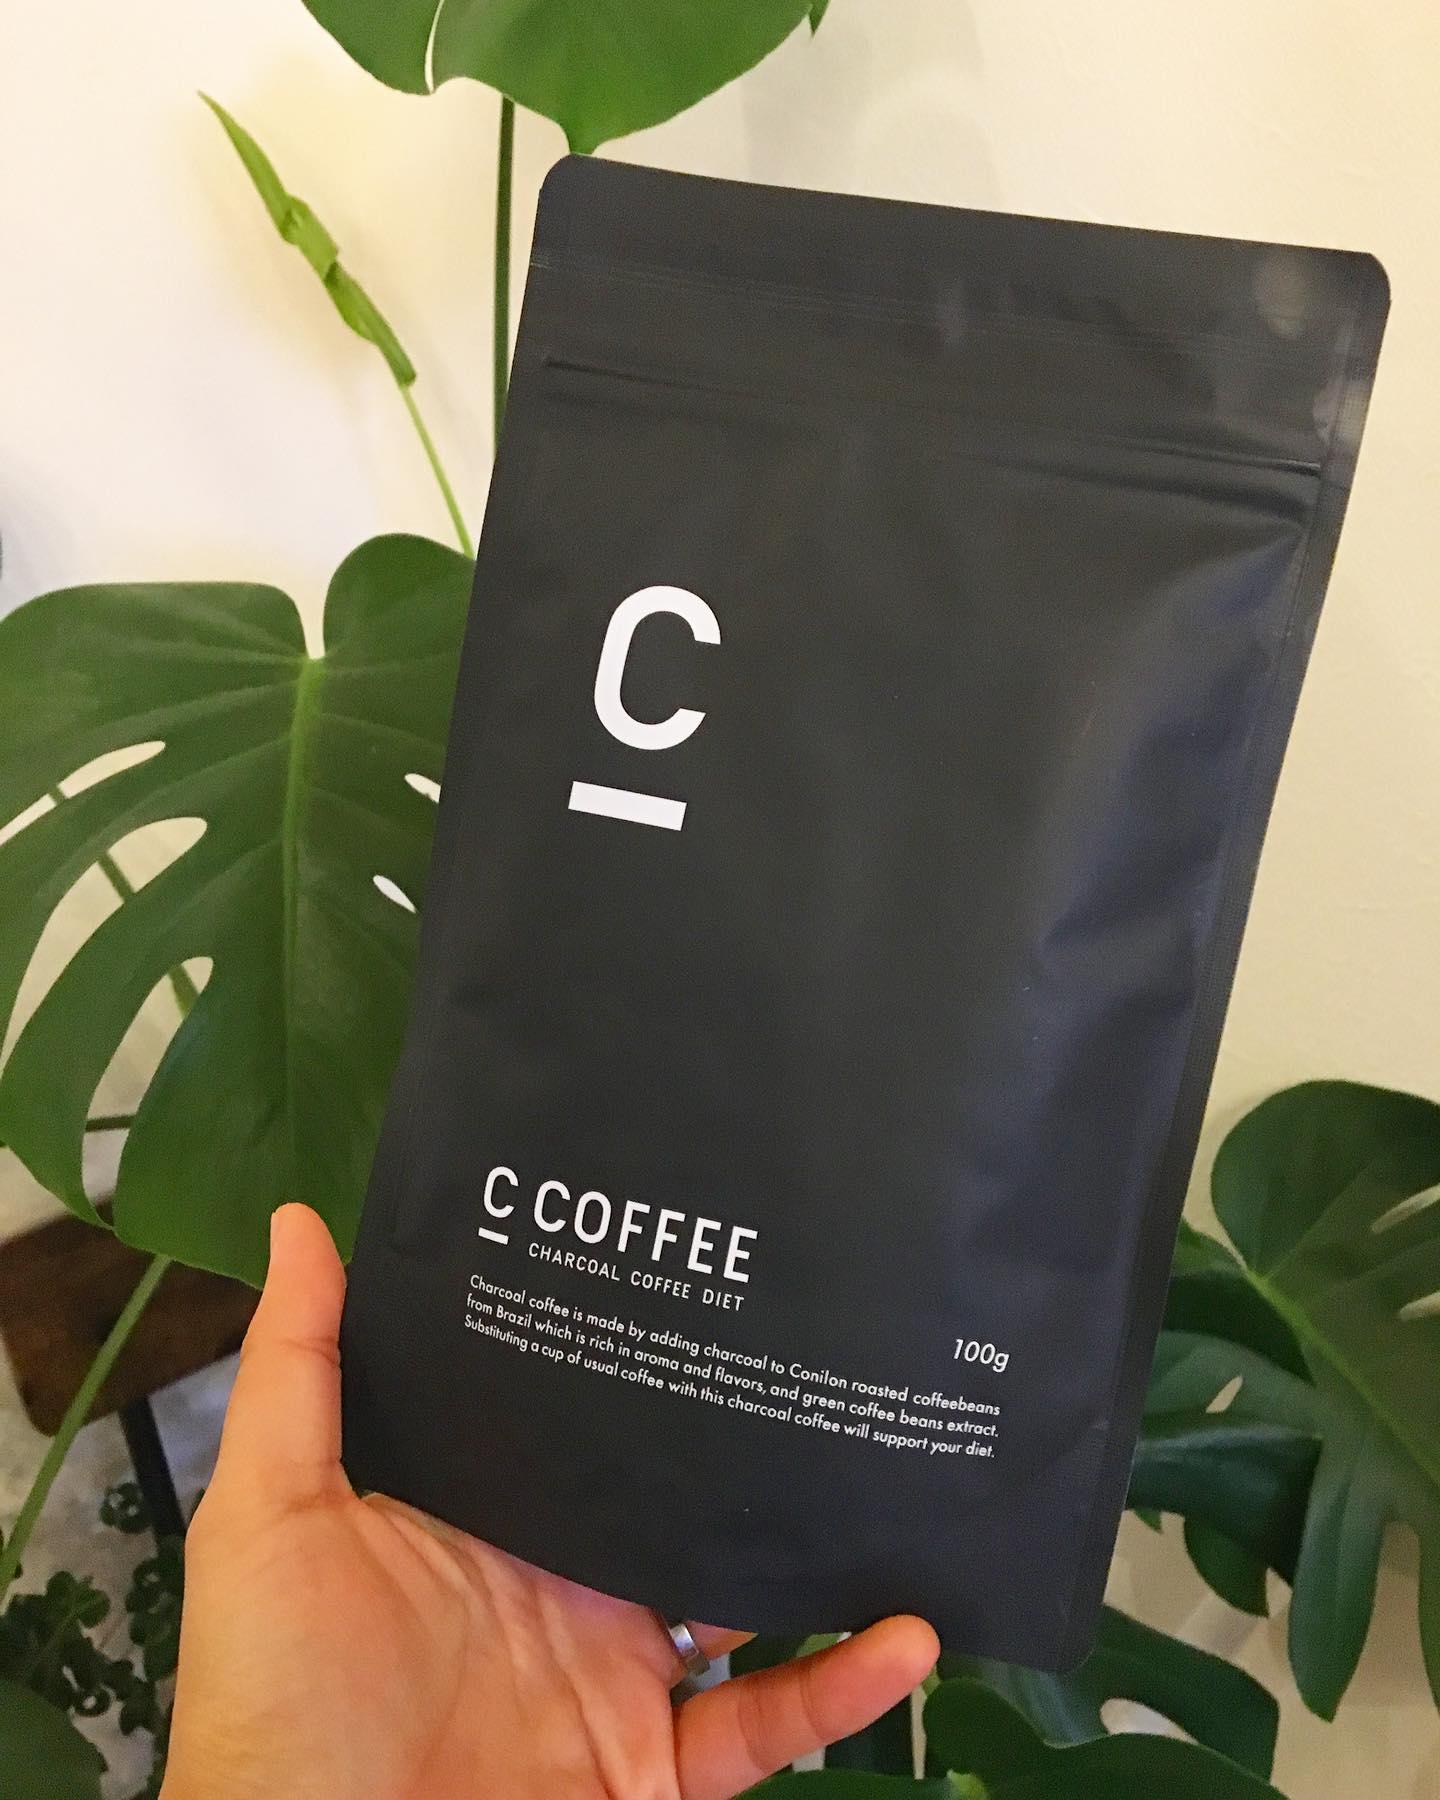 口コミ投稿:C Coffeeチャコールコーヒーダイエットのモニター案件です💙毎日一杯のコーヒーを『C_…